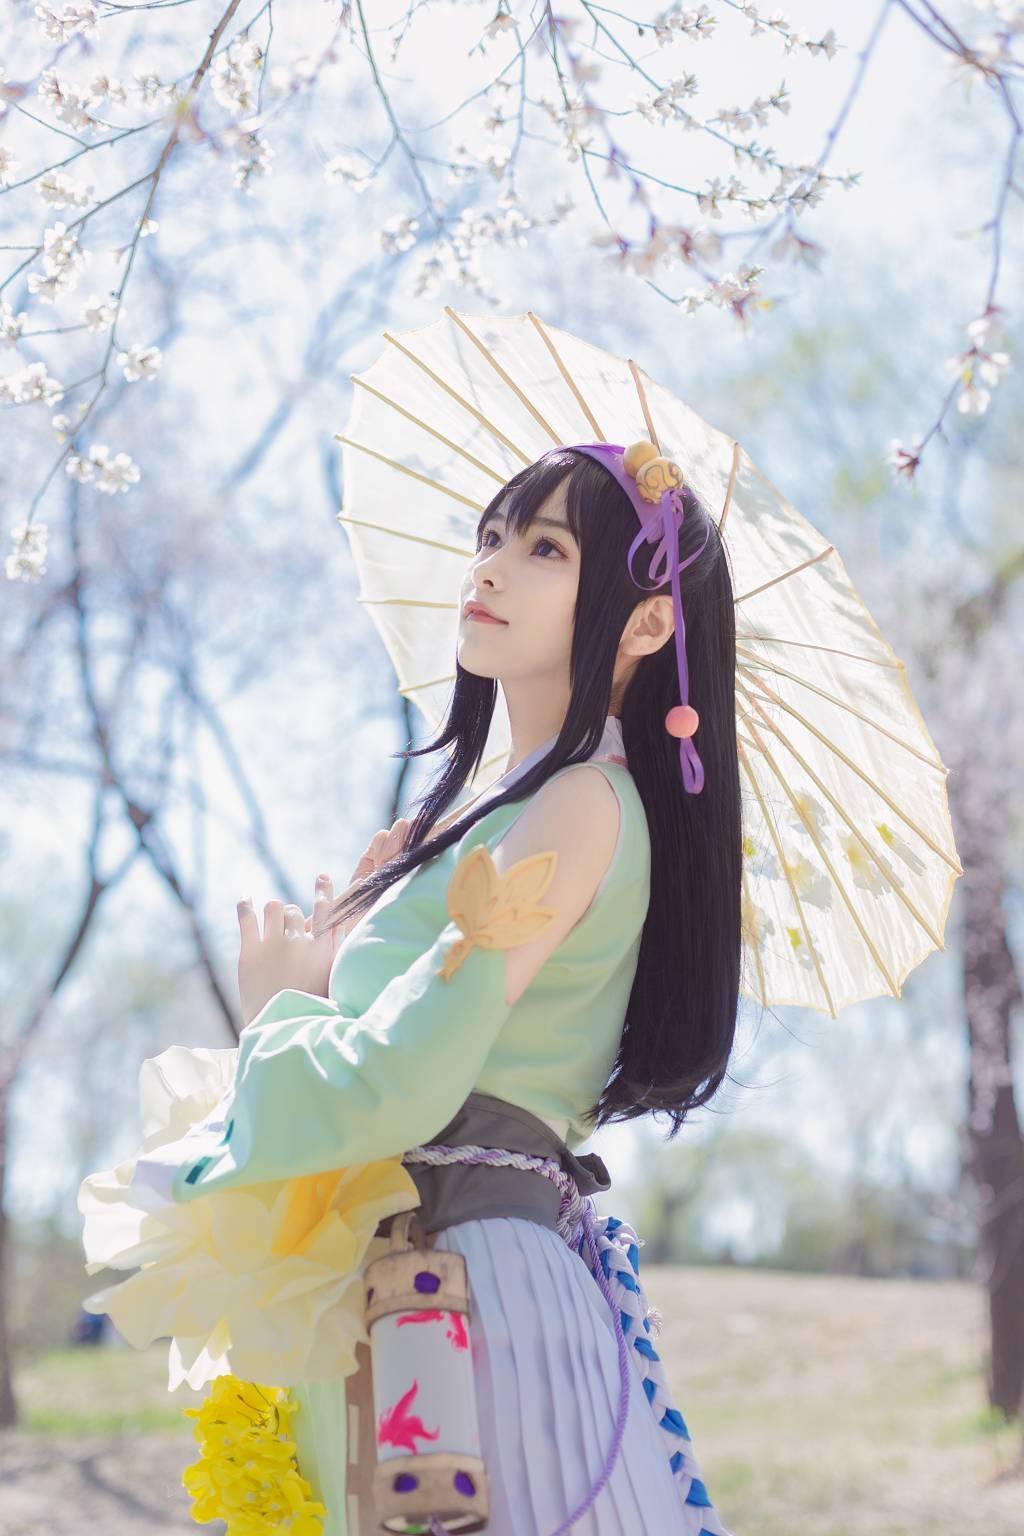 游戏cosplay【CN:水晶雪梨汁_雪梨】-第1张